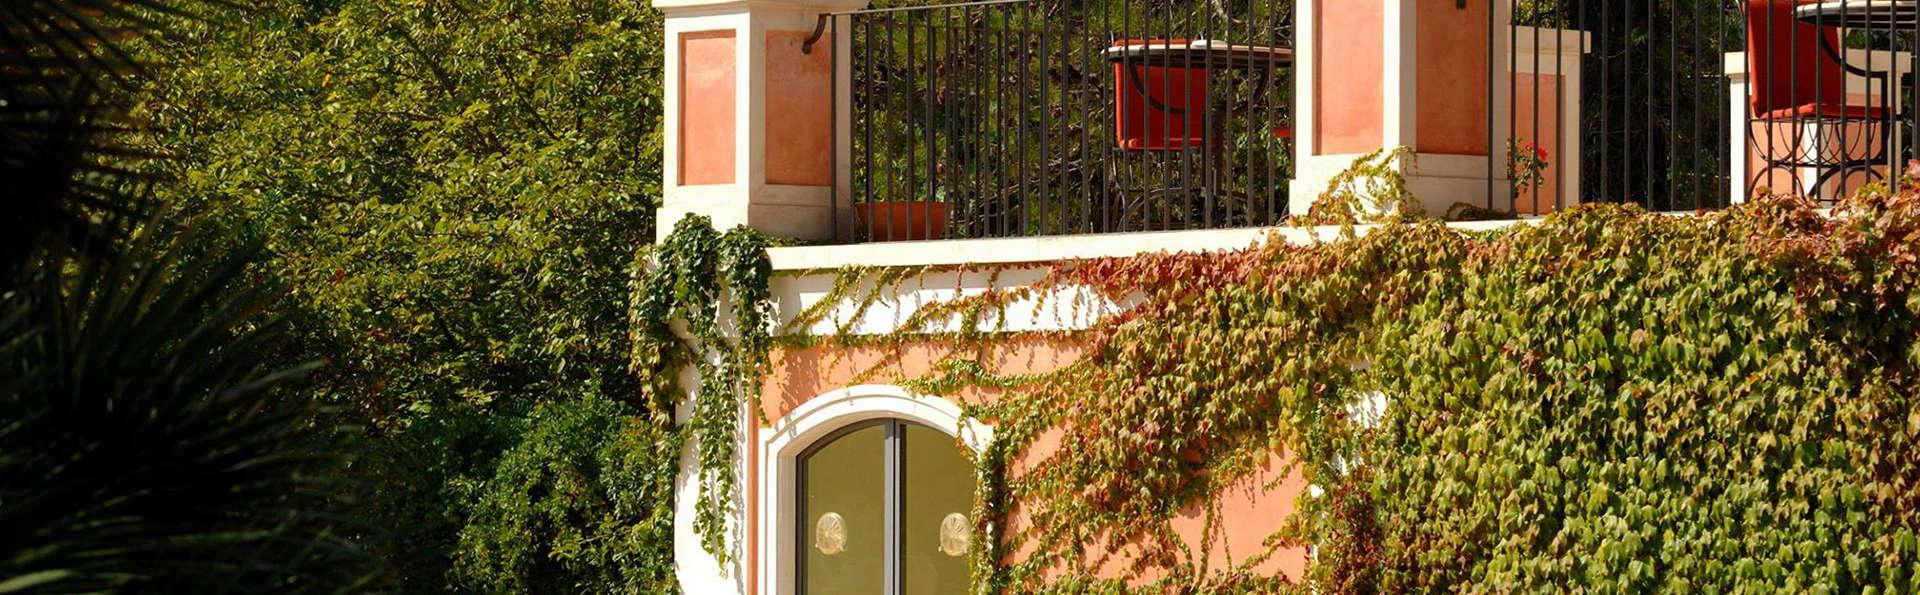 Villa San Martino - Edit_Garden2.jpg